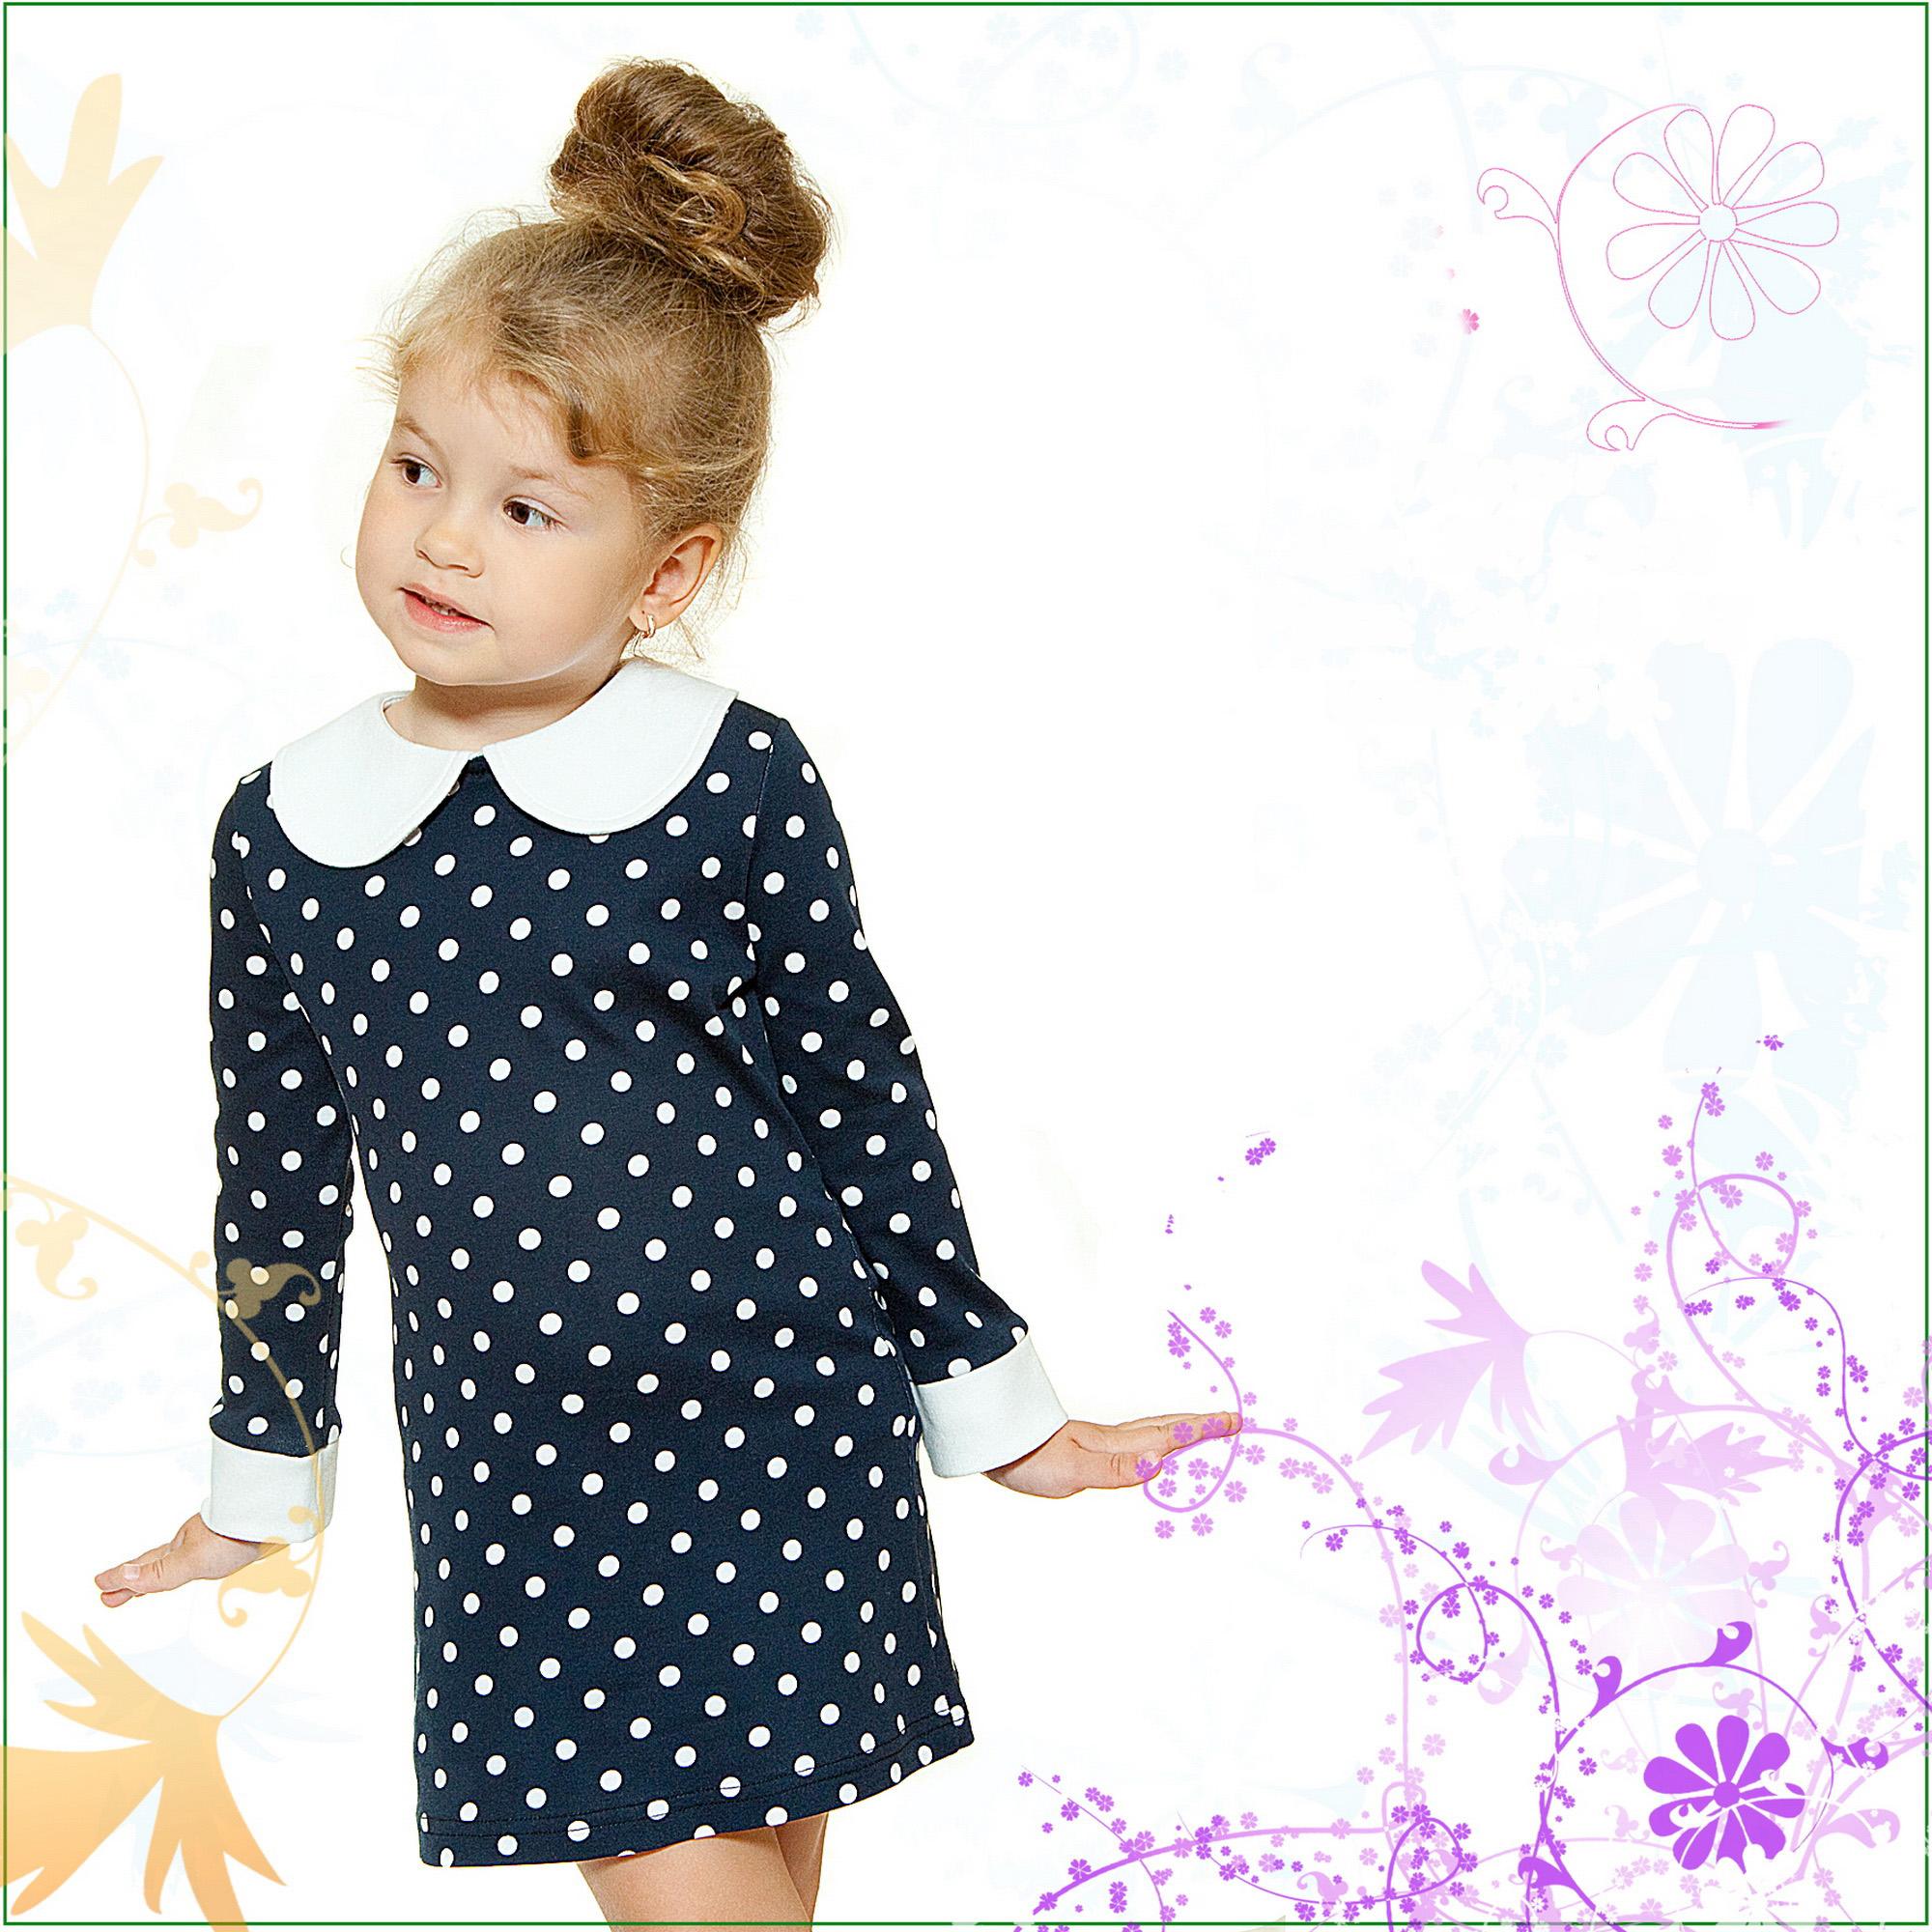 Сбор заказов. Оригинальная детская одежда от распашонки до школьной формы ТМ Дружбанята. Сбор 2